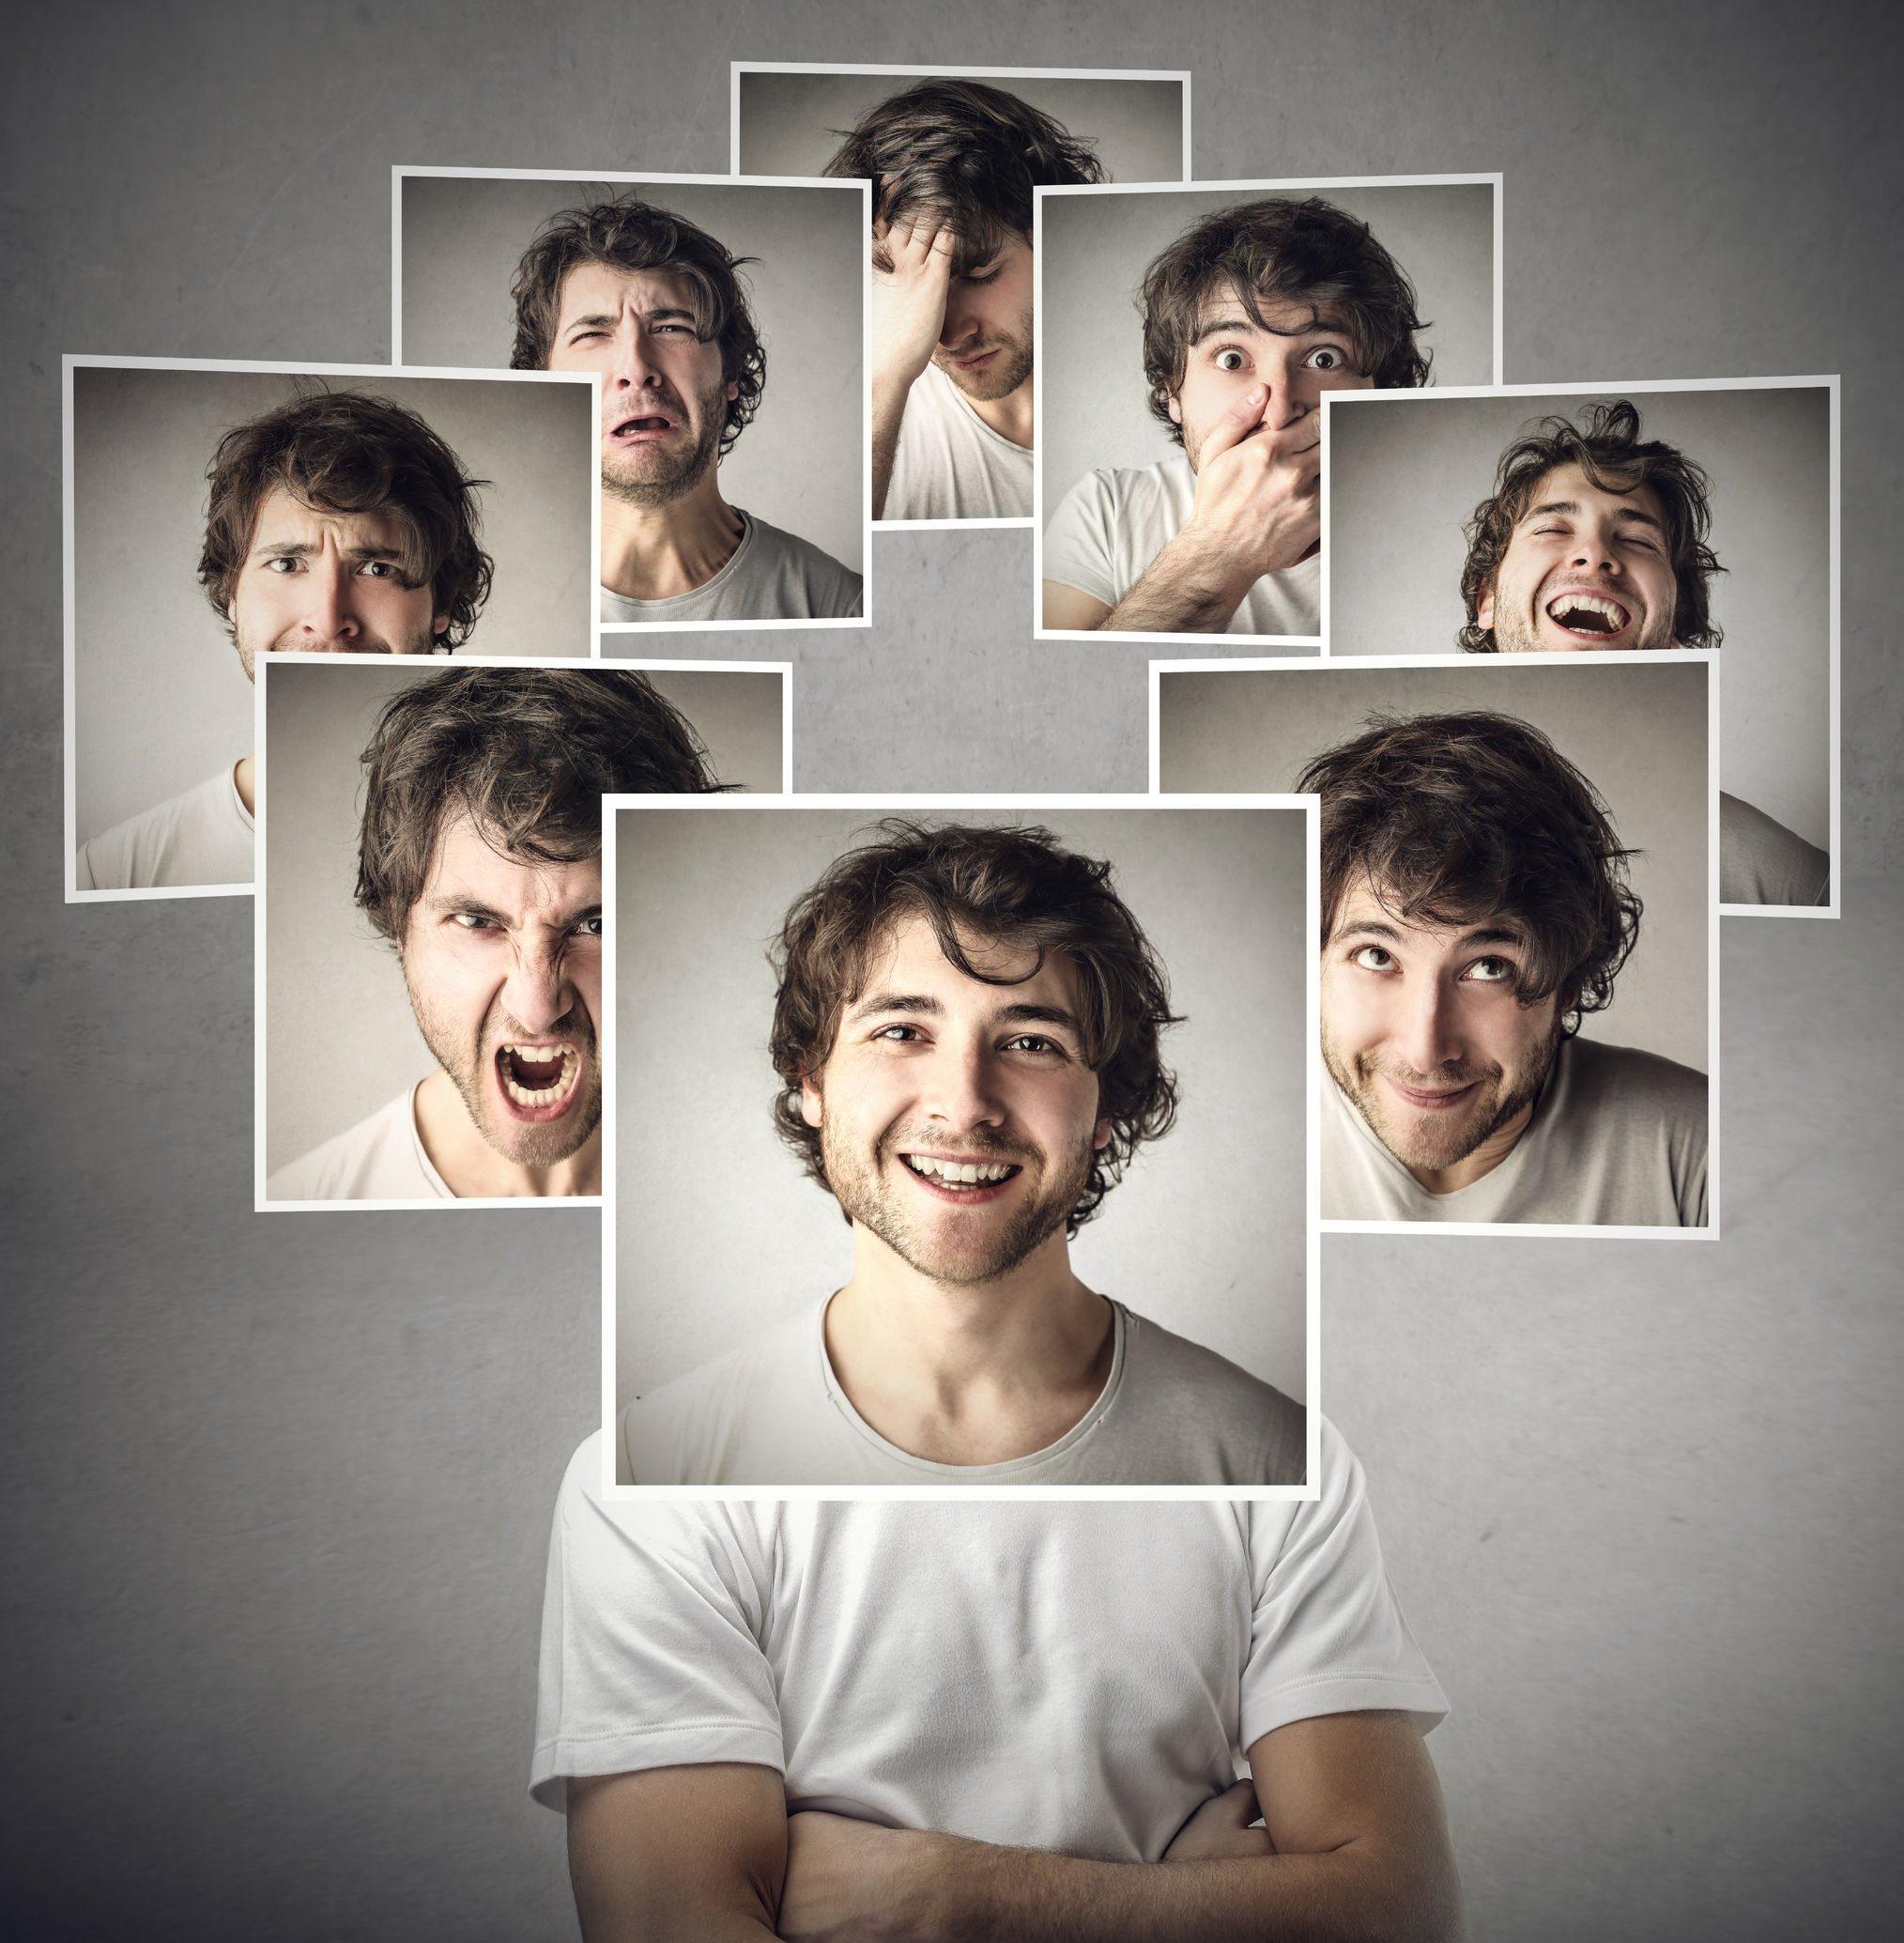 Klantbeleving verbeteren? Vergeet persona's, focus op de 'jobs to be done'